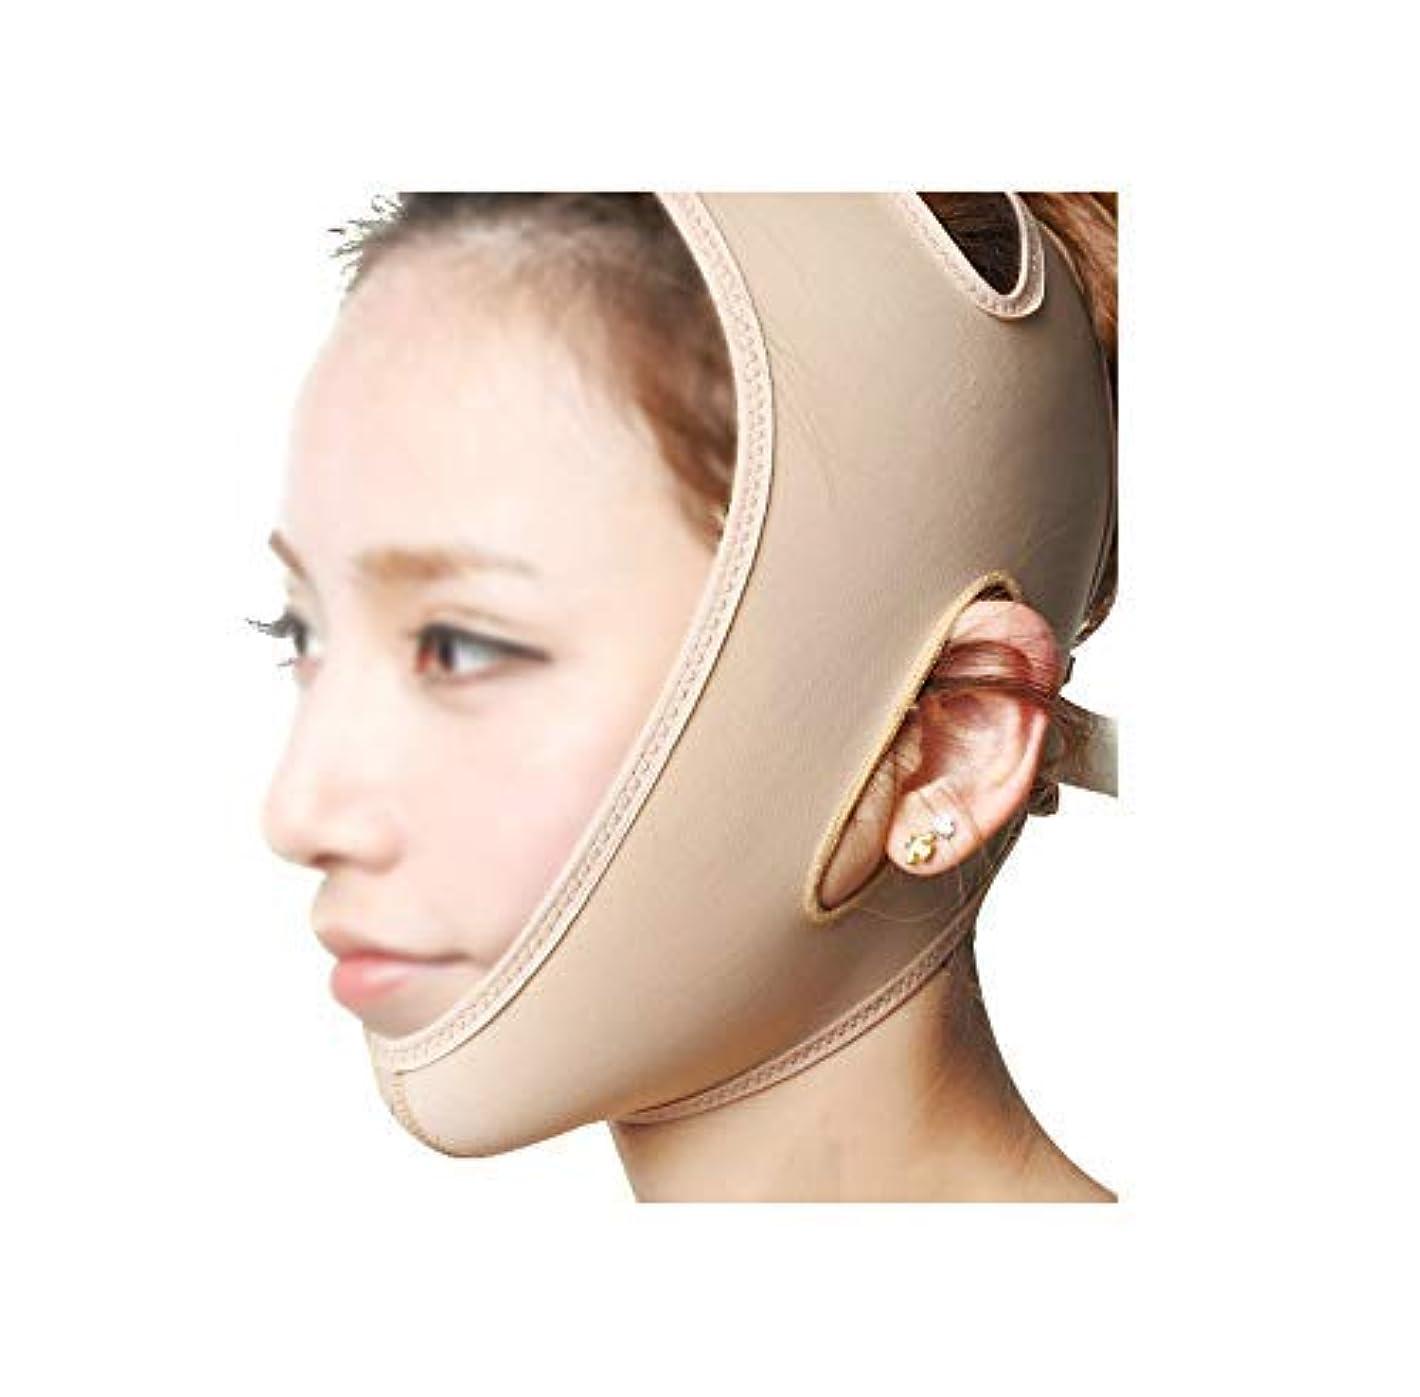 百万上向き架空のフェイスリフティングバンデージ、フェイスマスク3Dパネルデザイン、通気性に優れたライクラ素材の物理的なVフェイス、美しい顔の輪郭の作成(サイズ:S),ザ?